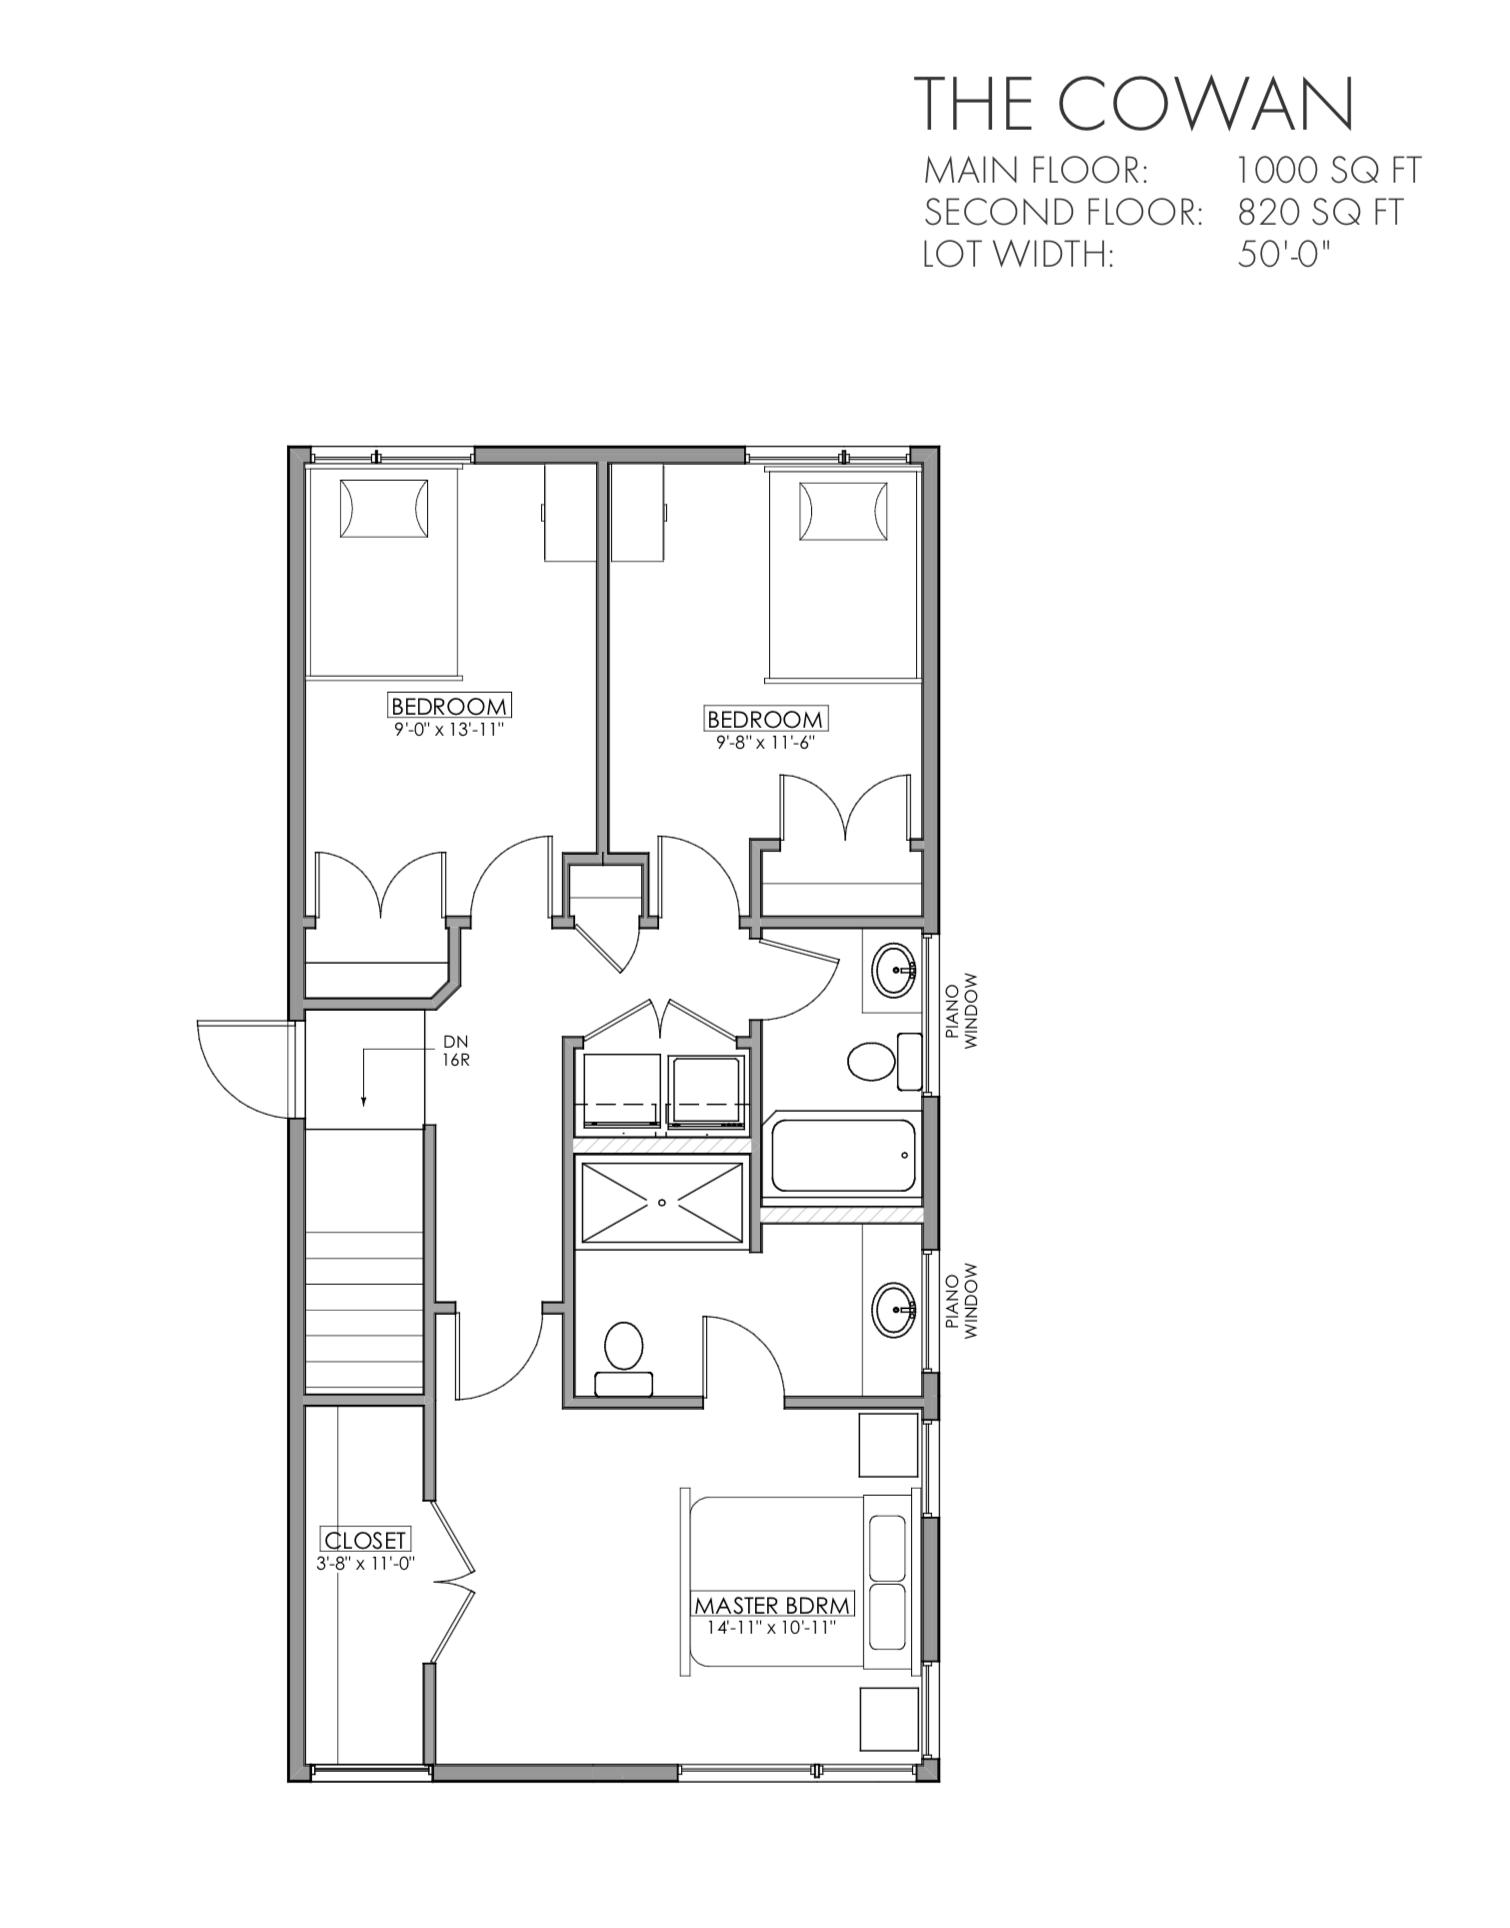 The Cowan Second Floor.png